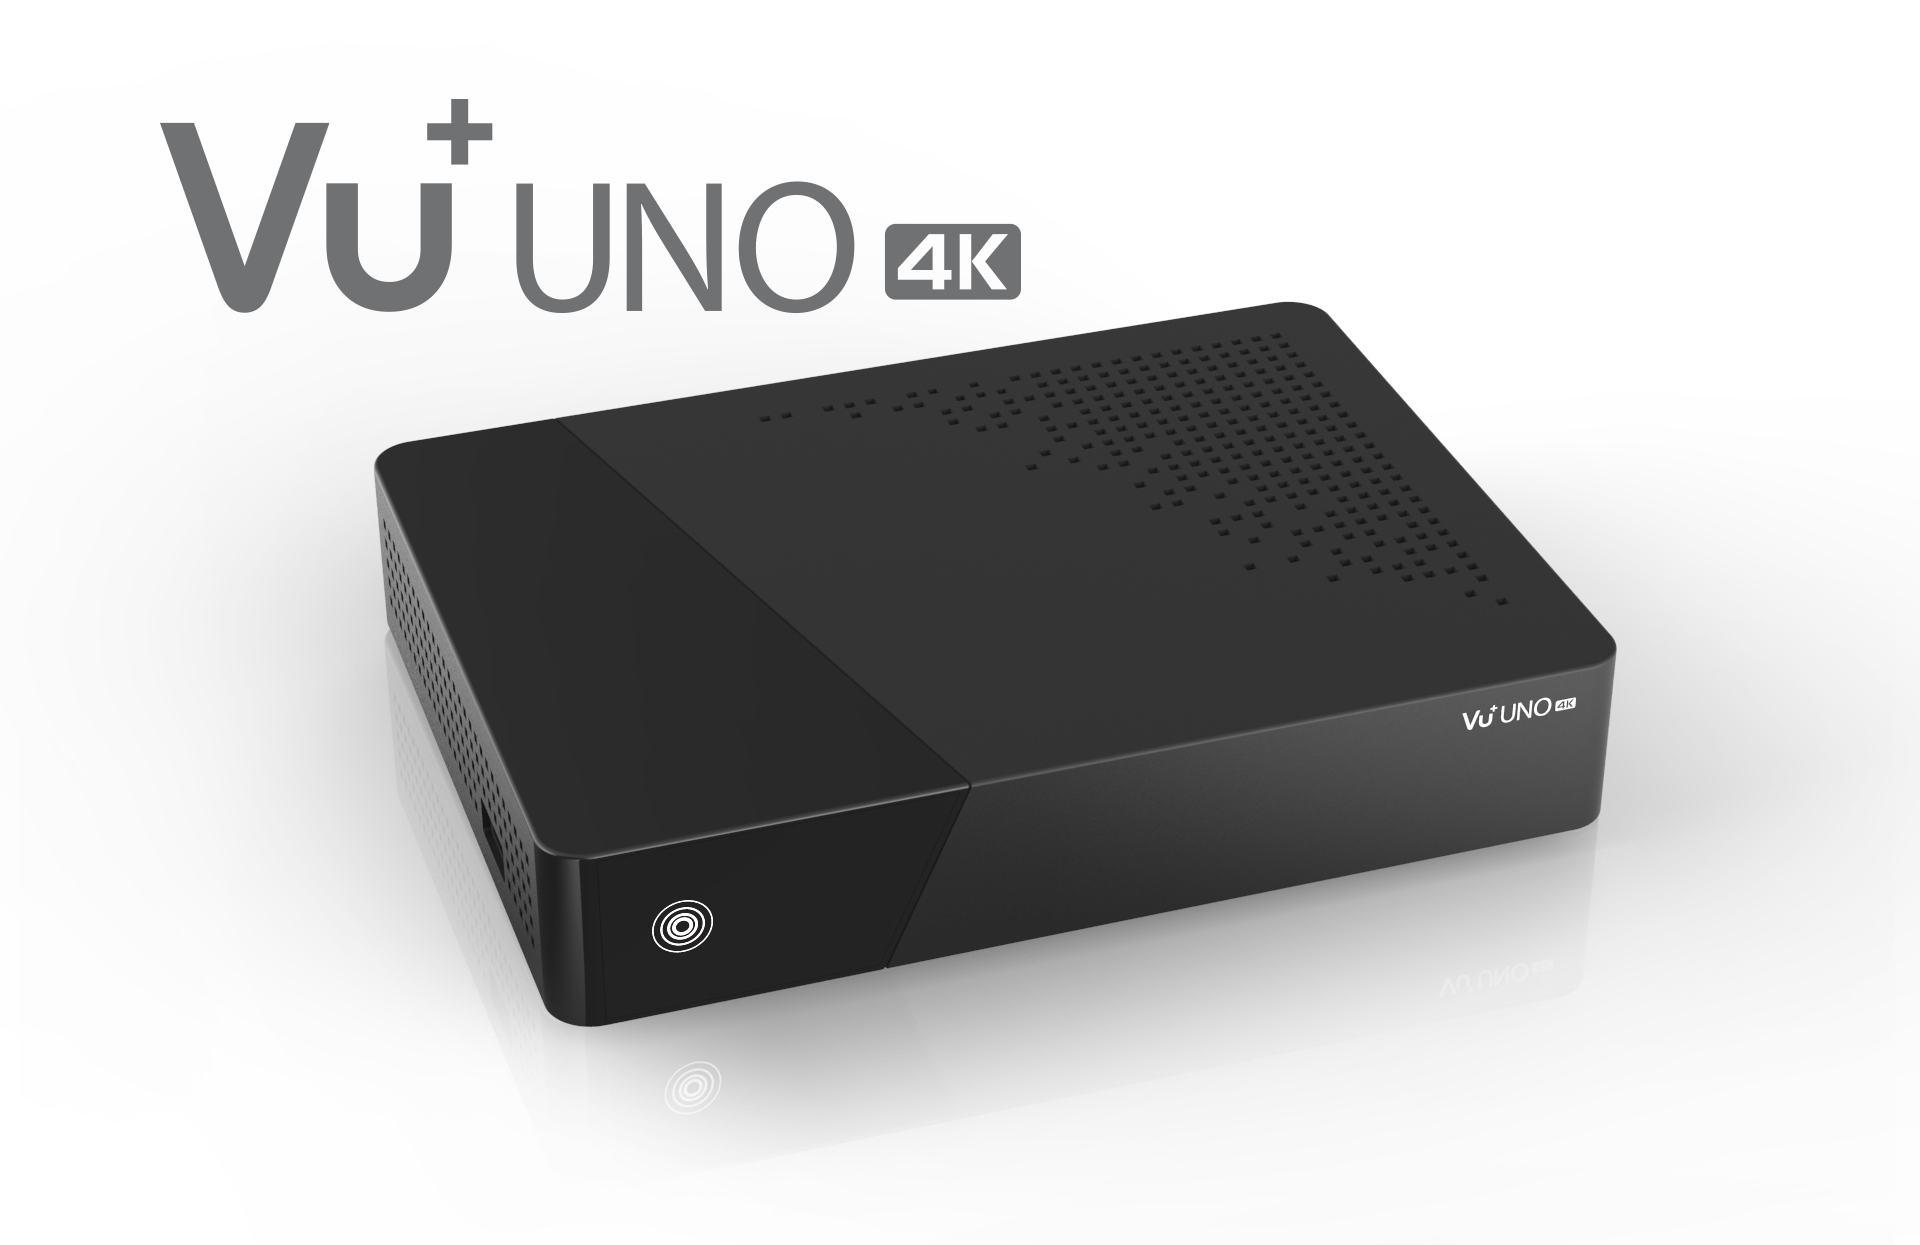 vu-uno-4k-kaufen